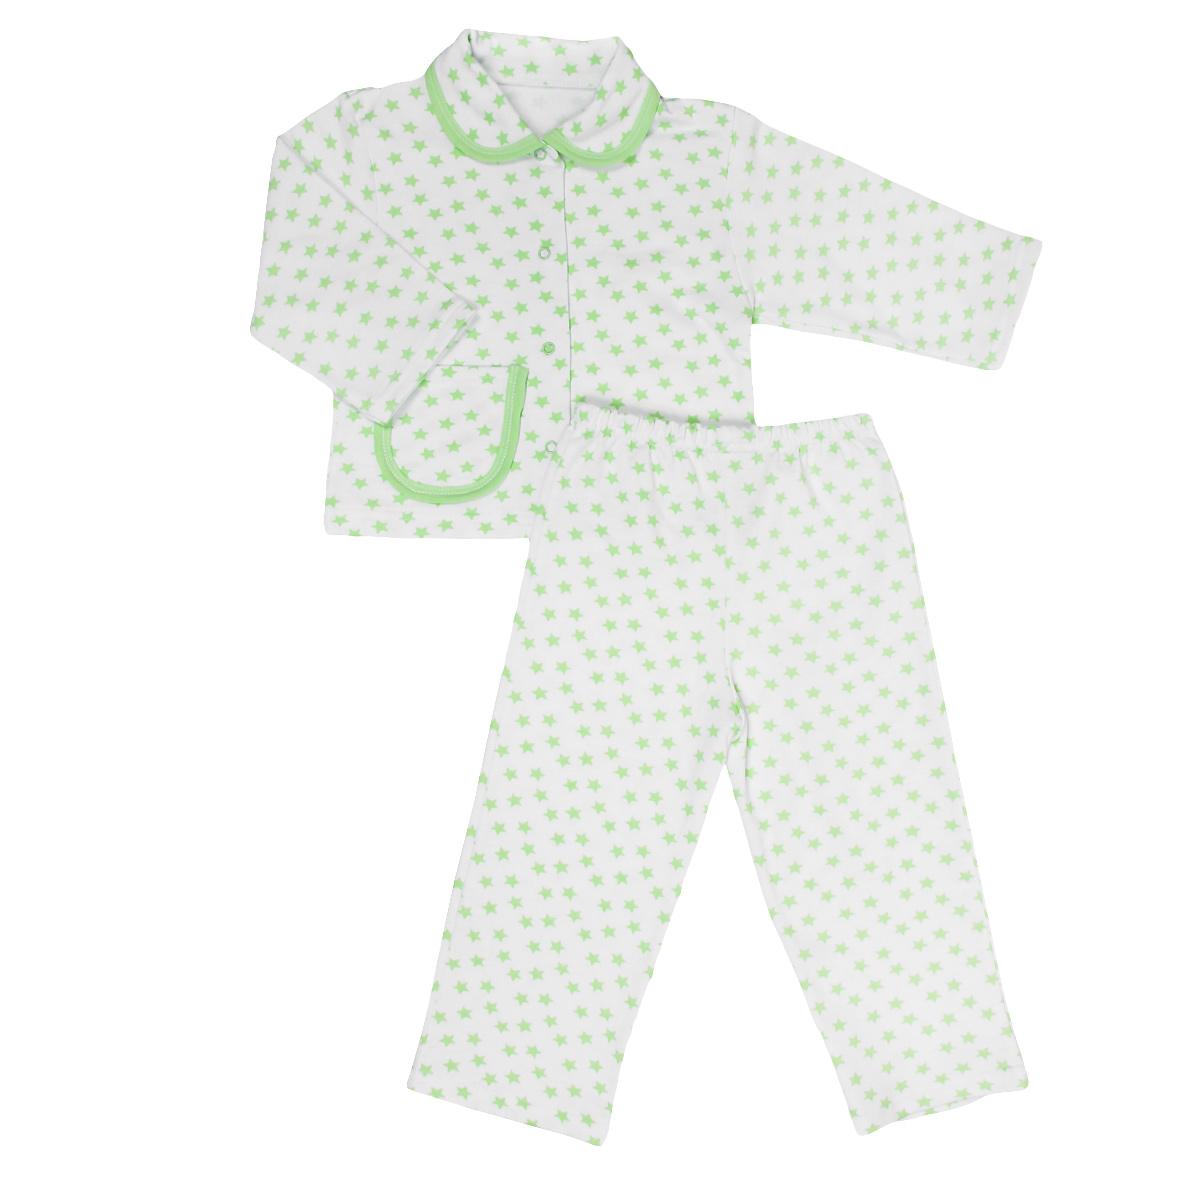 Пижама детская Трон-плюс, цвет: белый, салатовый, рисунок звезды. 5552. Размер 98/104, 3-5 лет5552Яркая детская пижама Трон-плюс, состоящая из кофточки и штанишек, идеально подойдет вашему малышу и станет отличным дополнением к детскому гардеробу. Теплая пижама, изготовленная из набивного футера - натурального хлопка, необычайно мягкая и легкая, не сковывает движения ребенка, позволяет коже дышать и не раздражает даже самую нежную и чувствительную кожу малыша. Кофта с длинными рукавами имеет отложной воротничок и застегивается на кнопки, также оформлена небольшим накладным карманчиком. Штанишки на удобной резинке не сдавливают животик ребенка и не сползают.В такой пижаме ваш ребенок будет чувствовать себя комфортно и уютно во время сна.